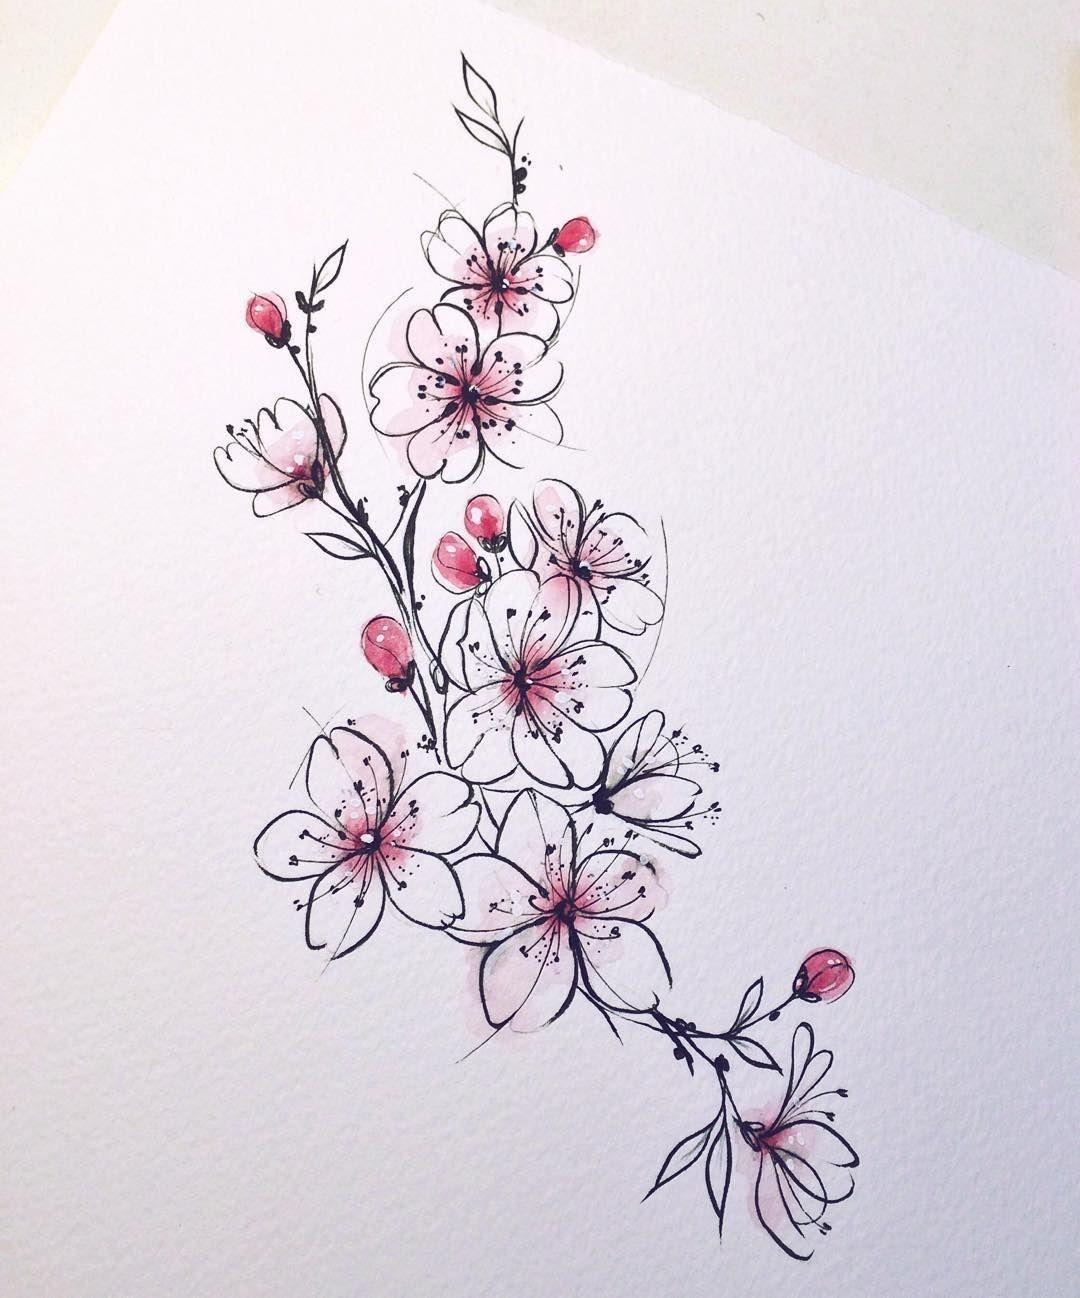 Flowers Dezdemon Xyz Tatowierungen Kirschbluten